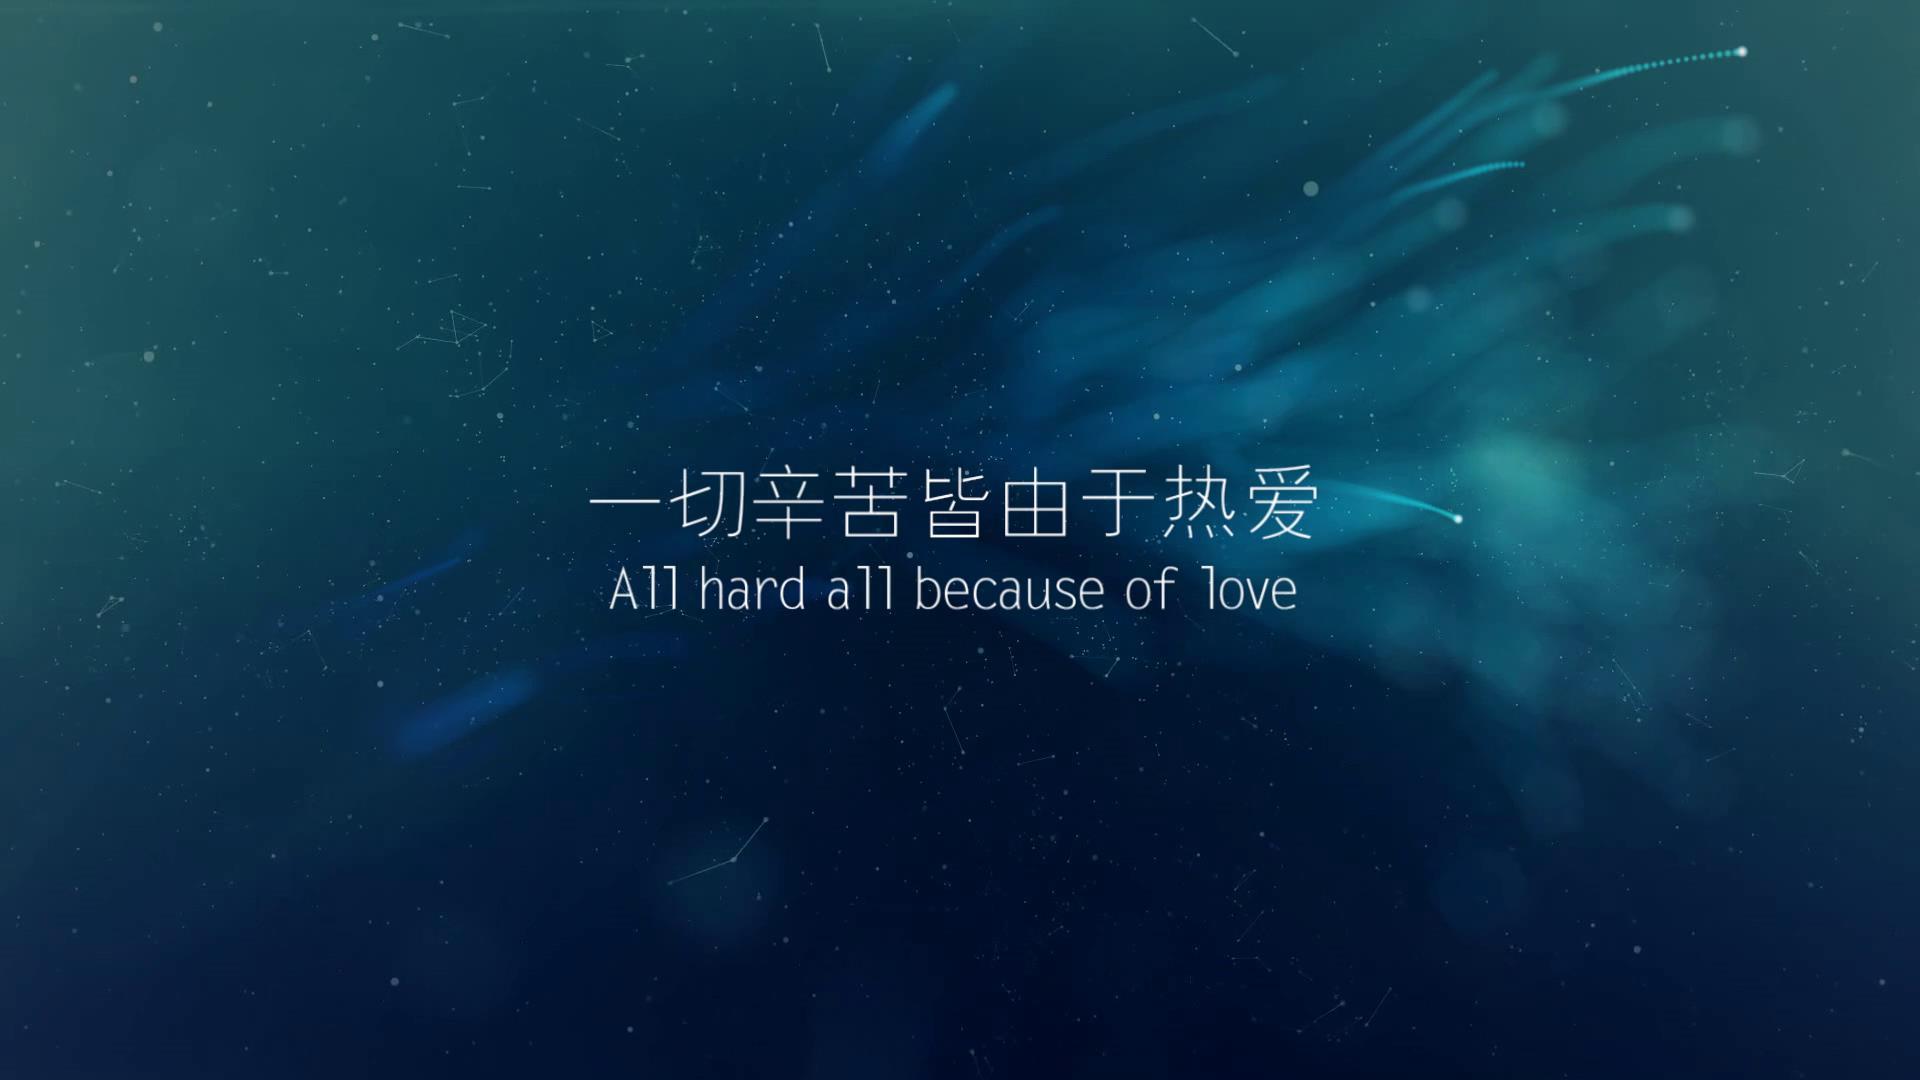 JOE\-21高端大气纯文字蓝色调宣传